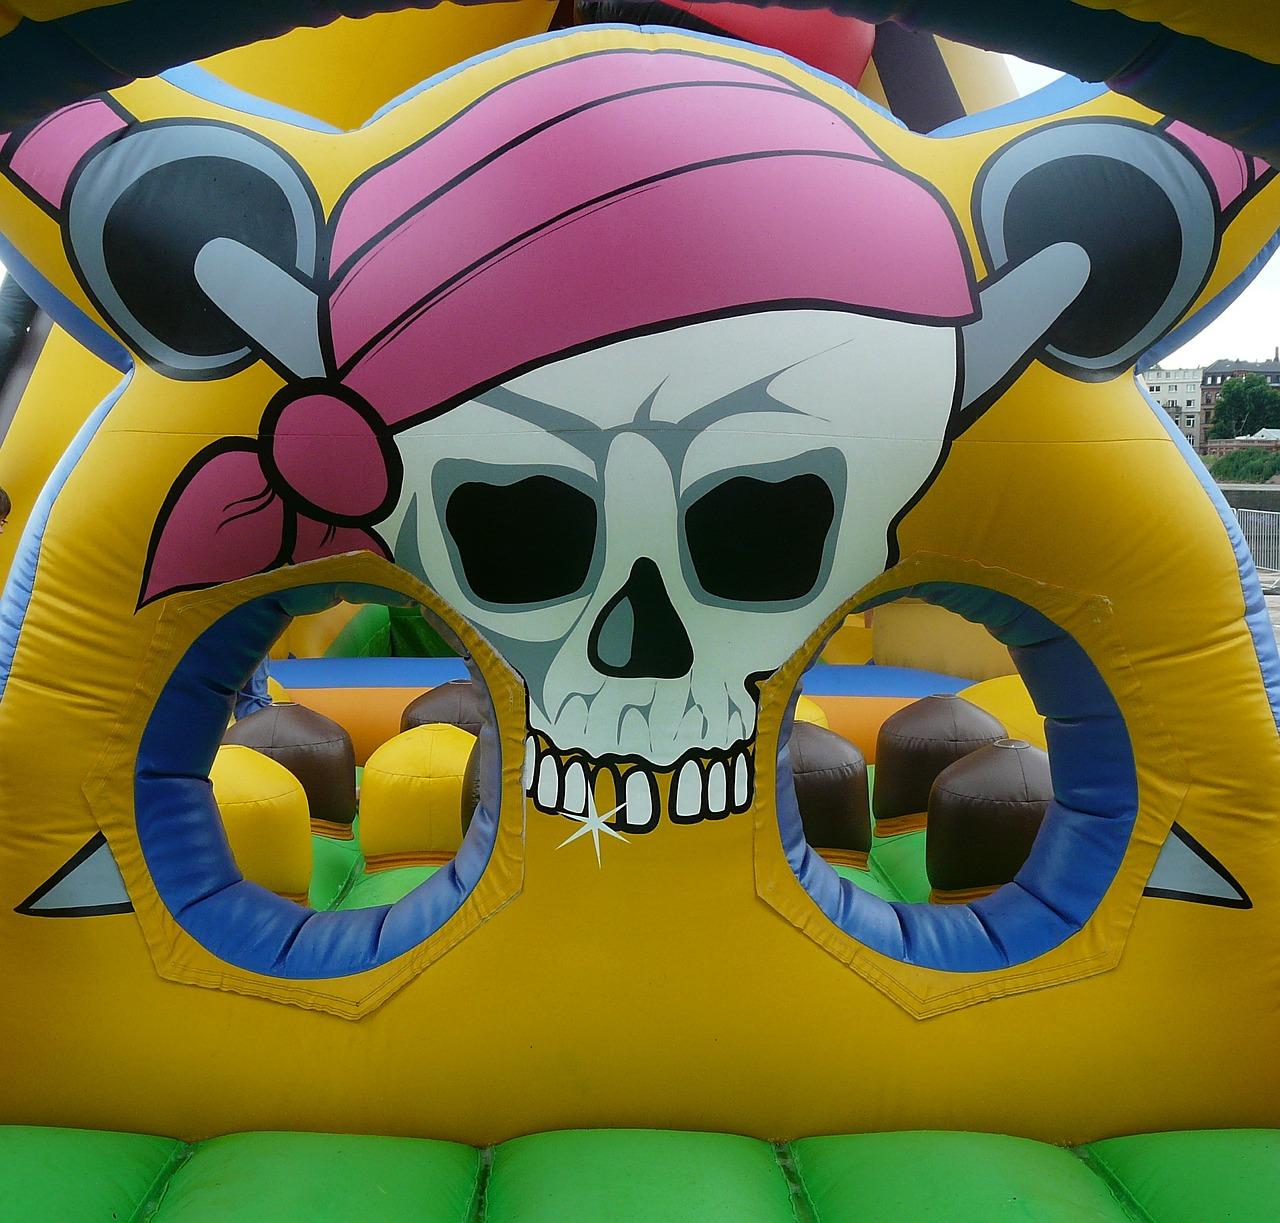 bouncy-castle-442909_1280.jpg